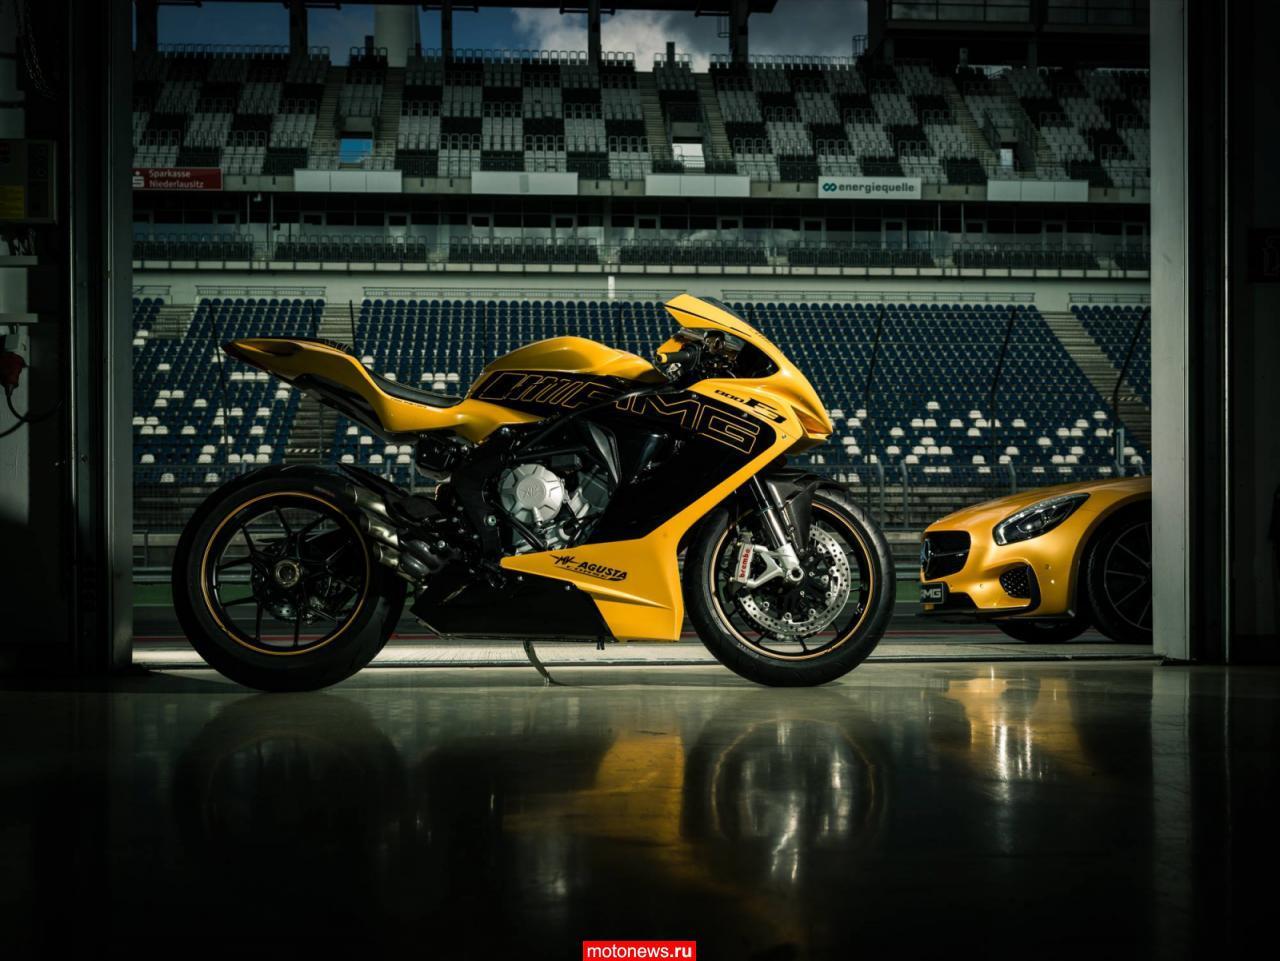 Уникальный мотоцикл от Mercedes-AMG и MV Agusta